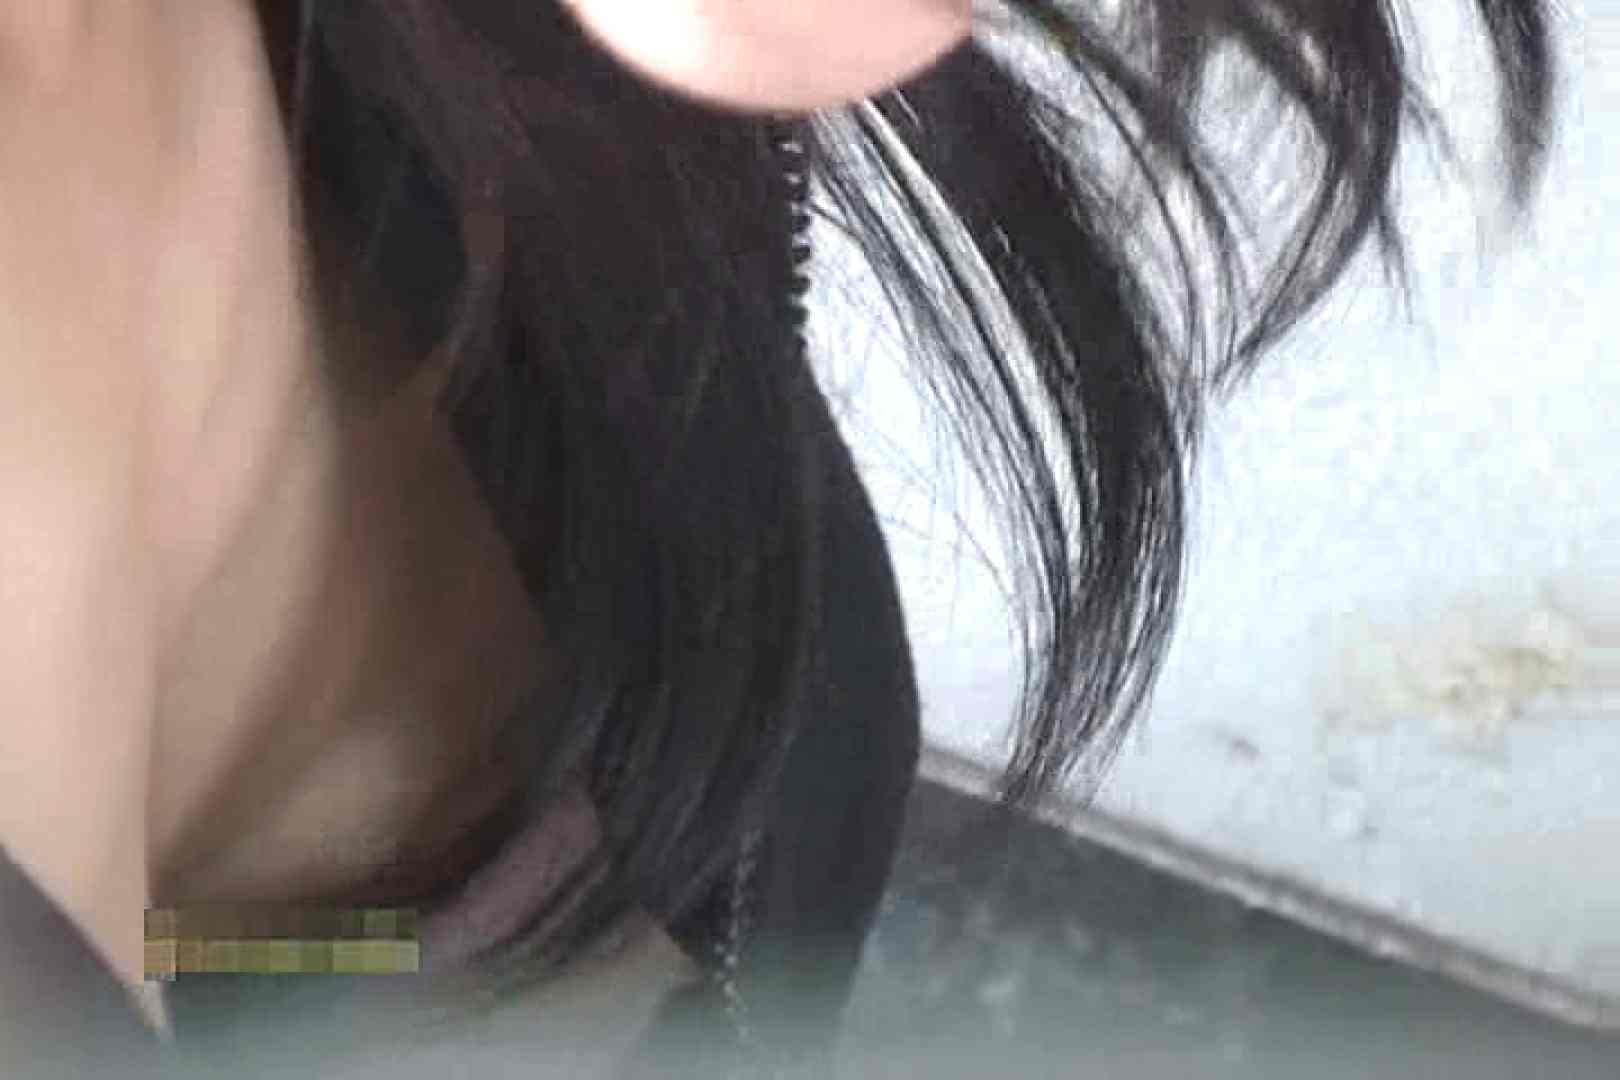 徘徊撮り!!街で出会った乳首たちVol.2 パンチラ オマンコ動画キャプチャ 61PICs 44